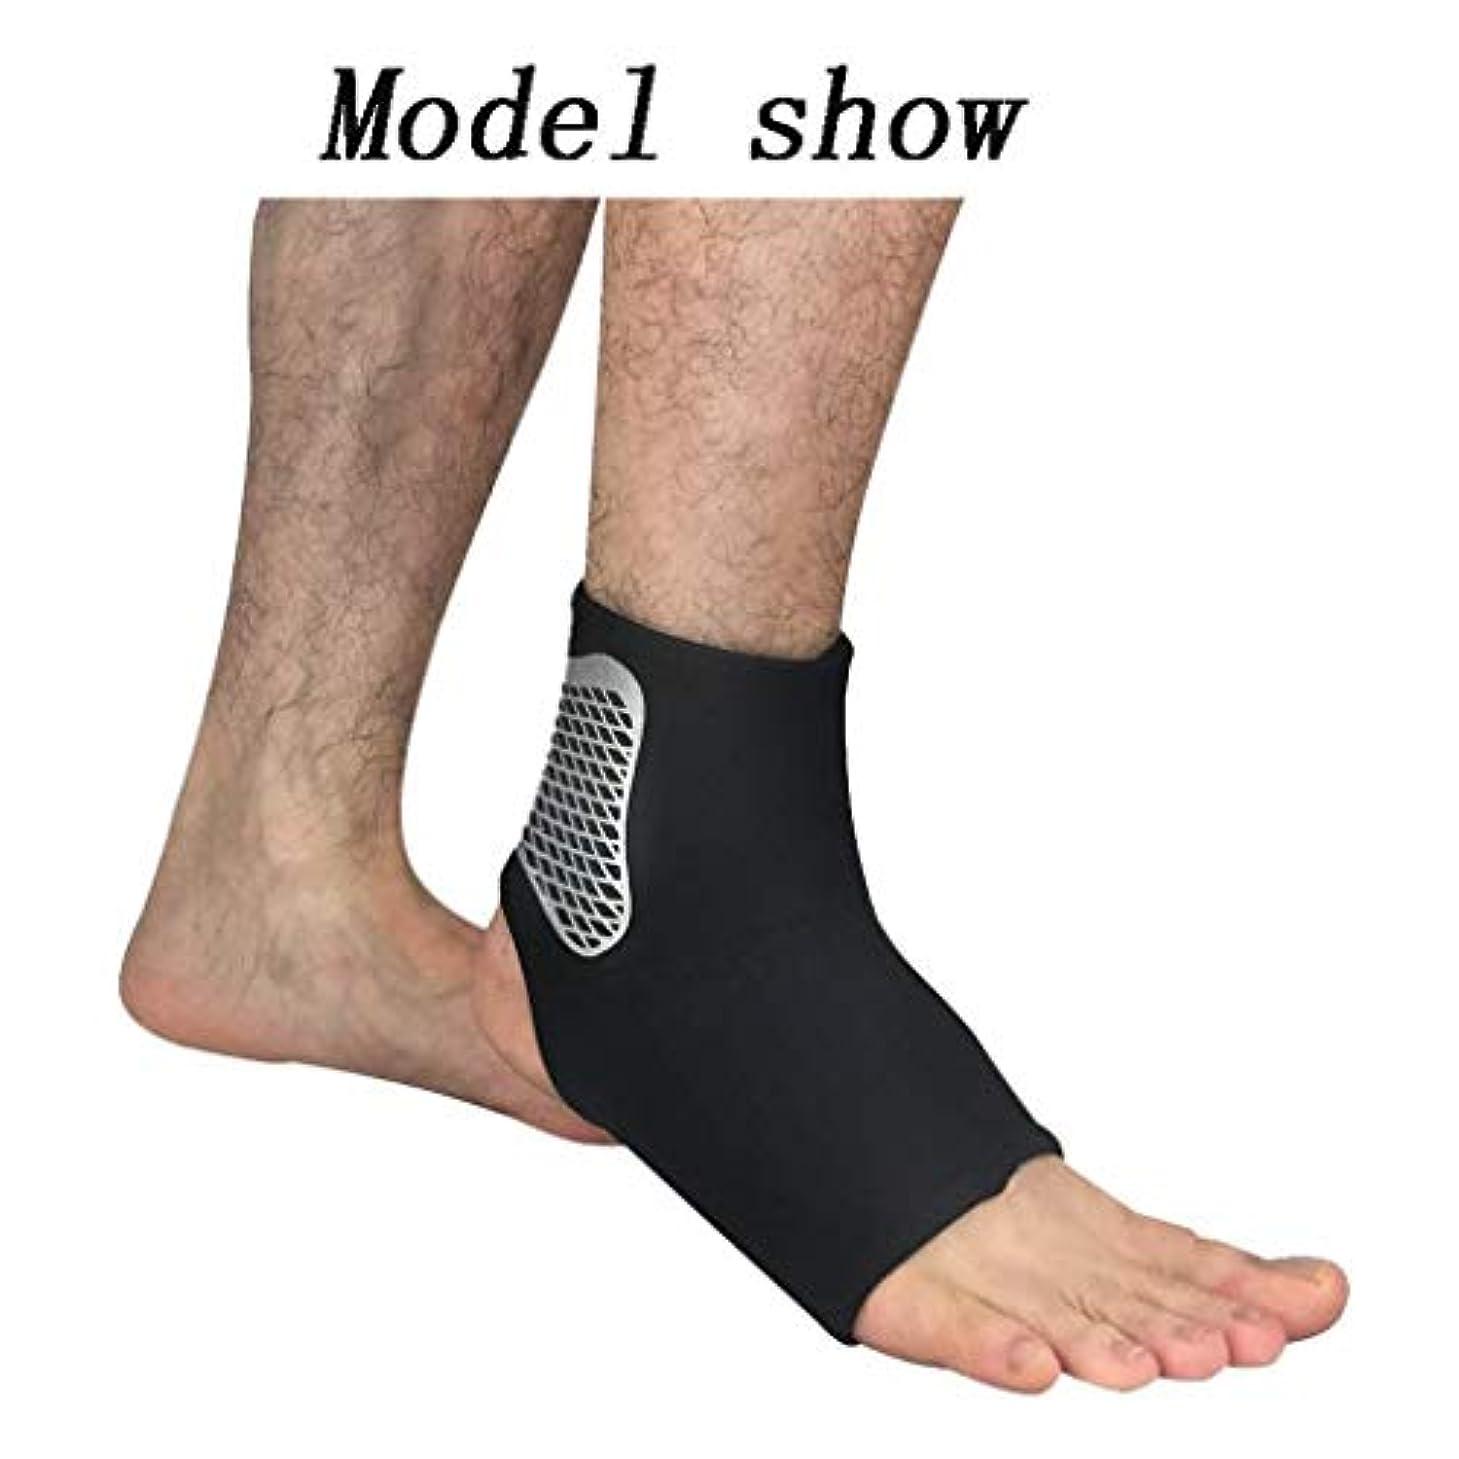 販売員パイロット絡まる足首のサポート、通気性と伸縮性のあるナイロン素材を使用した1組の足首固定具、快適な足首ラップスポーツが慢性的な足首の捻Sp疲労を防ぎます (Size : S)